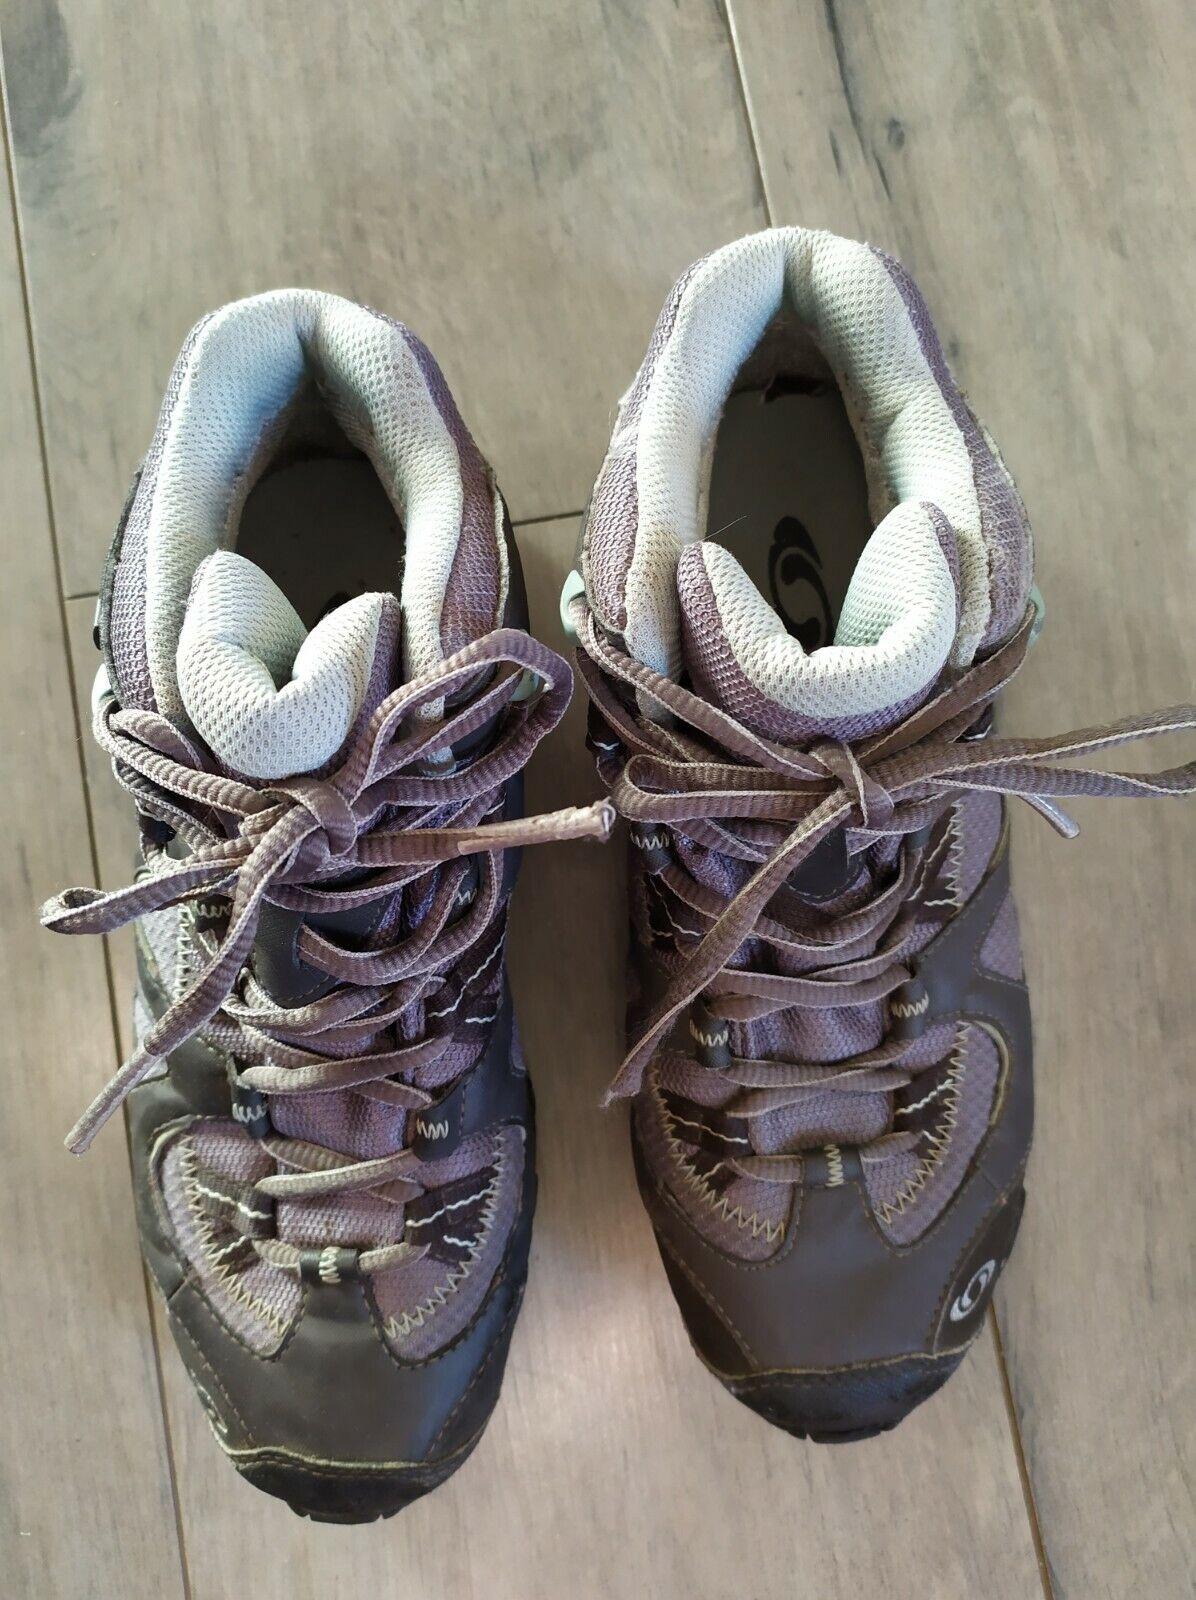 Chaussure de randonnée homme, très bon état, peu servie, salomon, taille 37